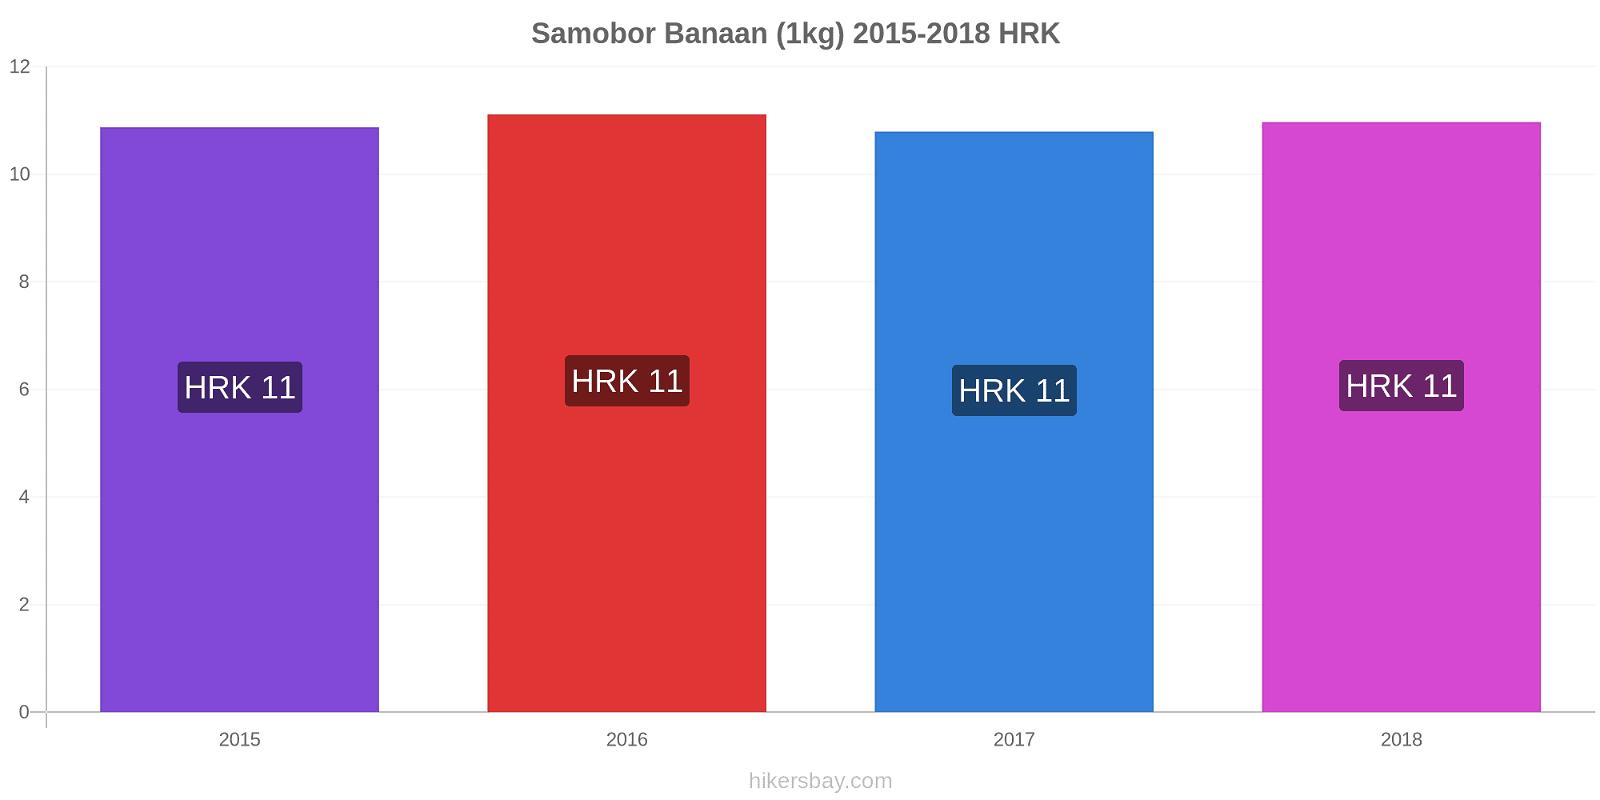 Samobor prijswijzigingen Banaan (1kg) hikersbay.com